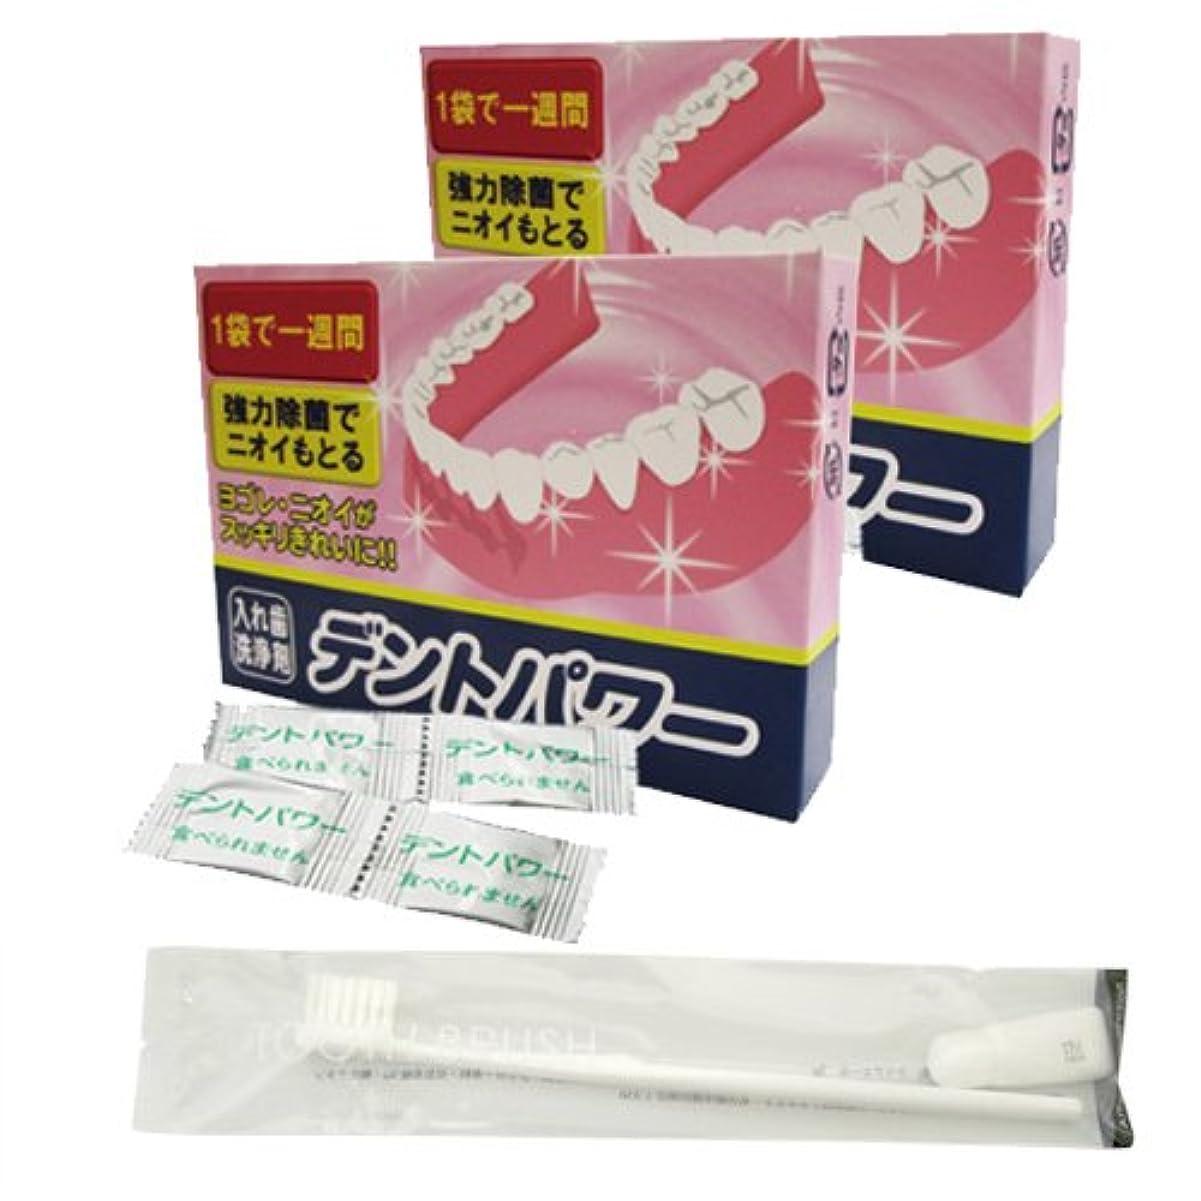 提供された植物学者発表デントパワー 入れ歯洗浄剤 10ヵ月用(専用ケース無し) + デントパワー5ヵ月用 + 粉付き歯ブラシ セット